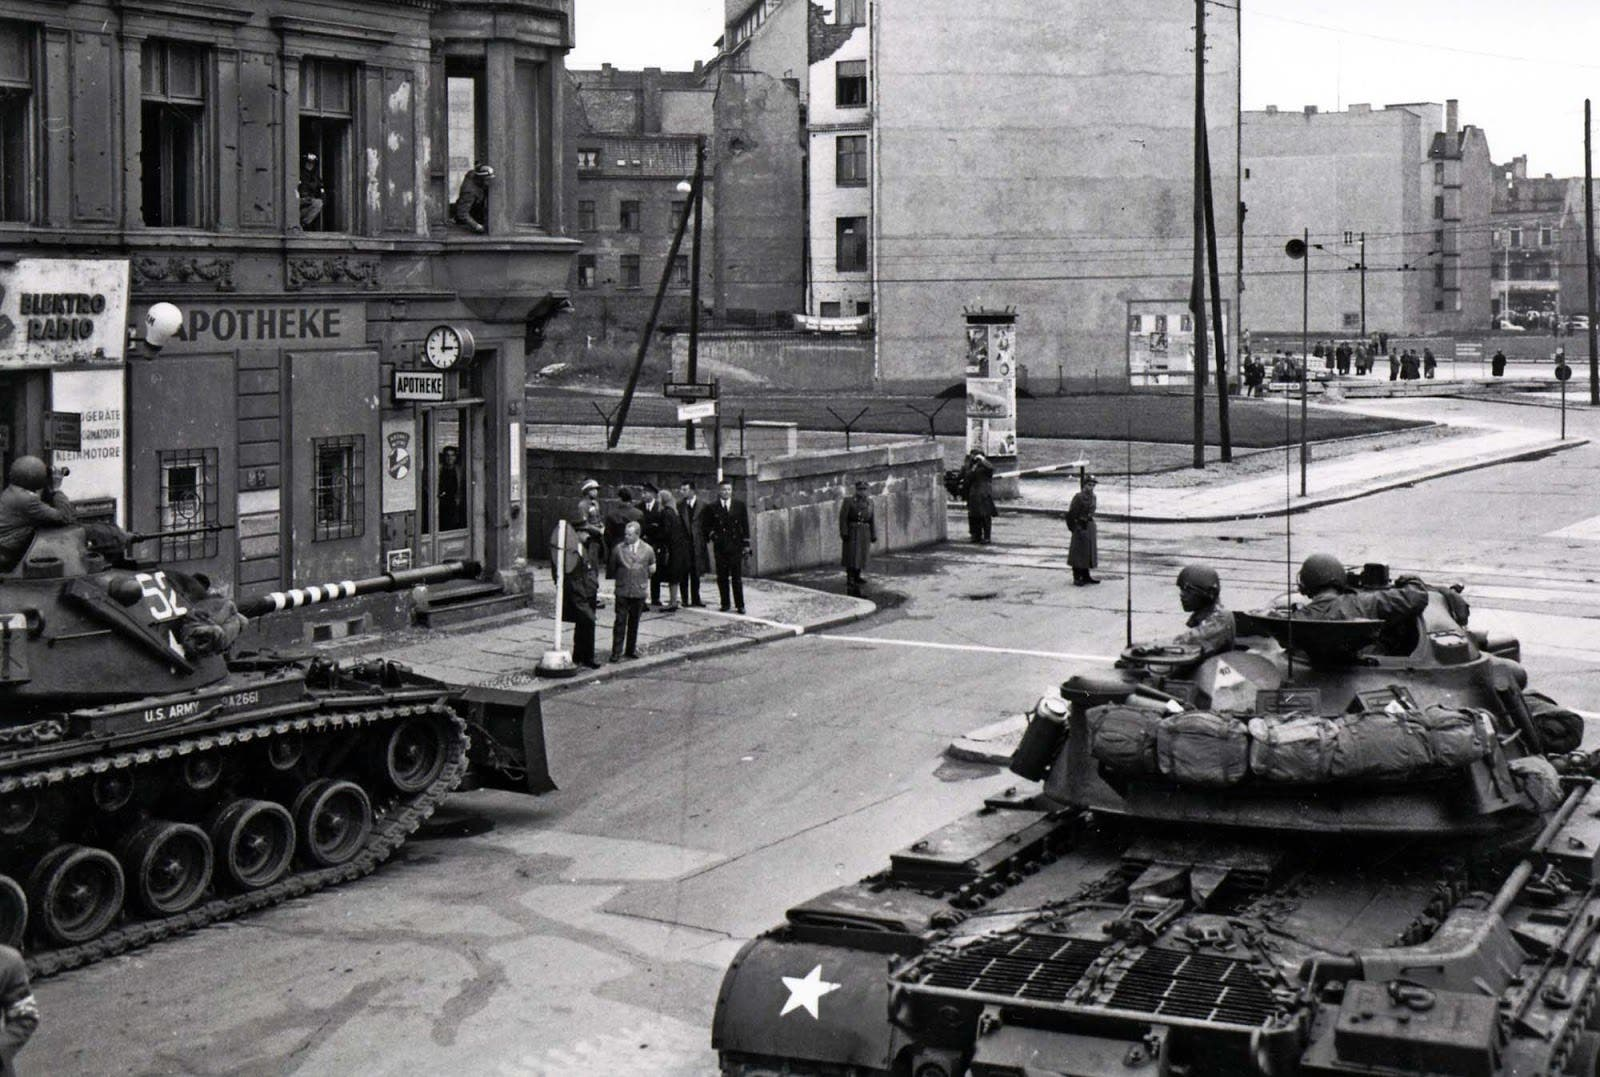 صورة لدبابتين أميركيتين قرب نقطة التفتيش تشارلي